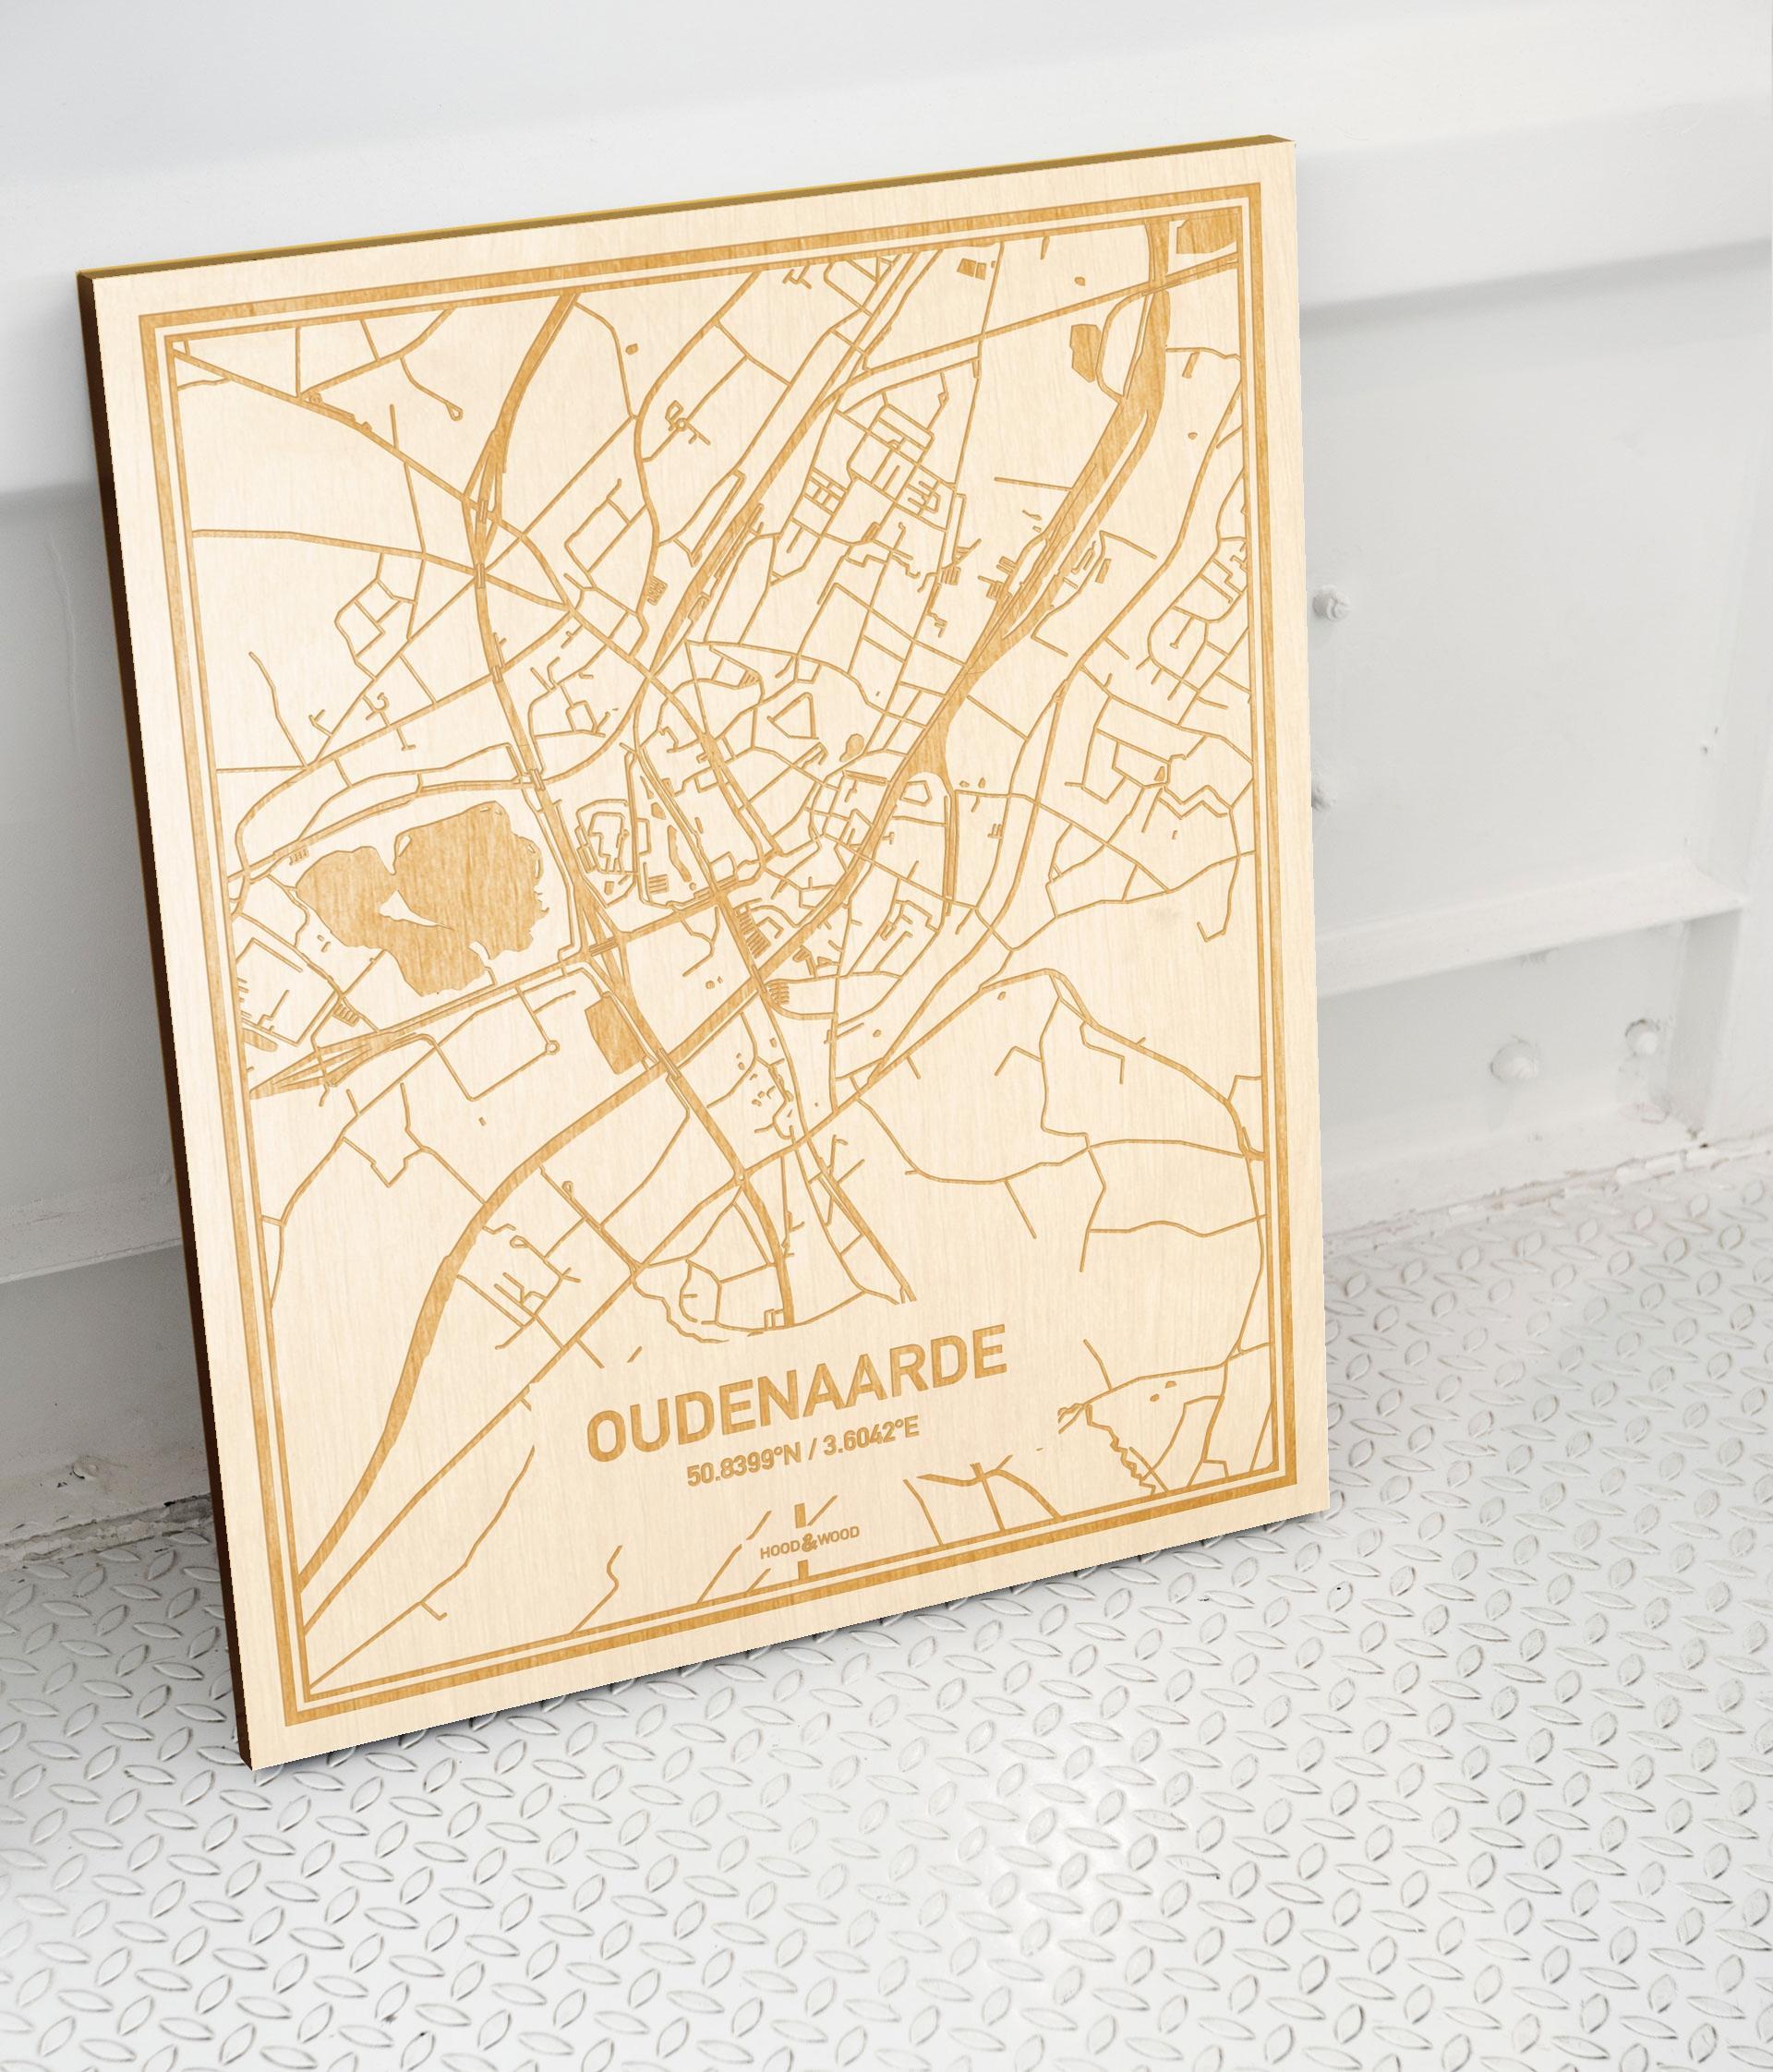 Plattegrond Oudenaarde als prachtige houten wanddecoratie. Het warme hout contrasteert mooi met de witte muur.